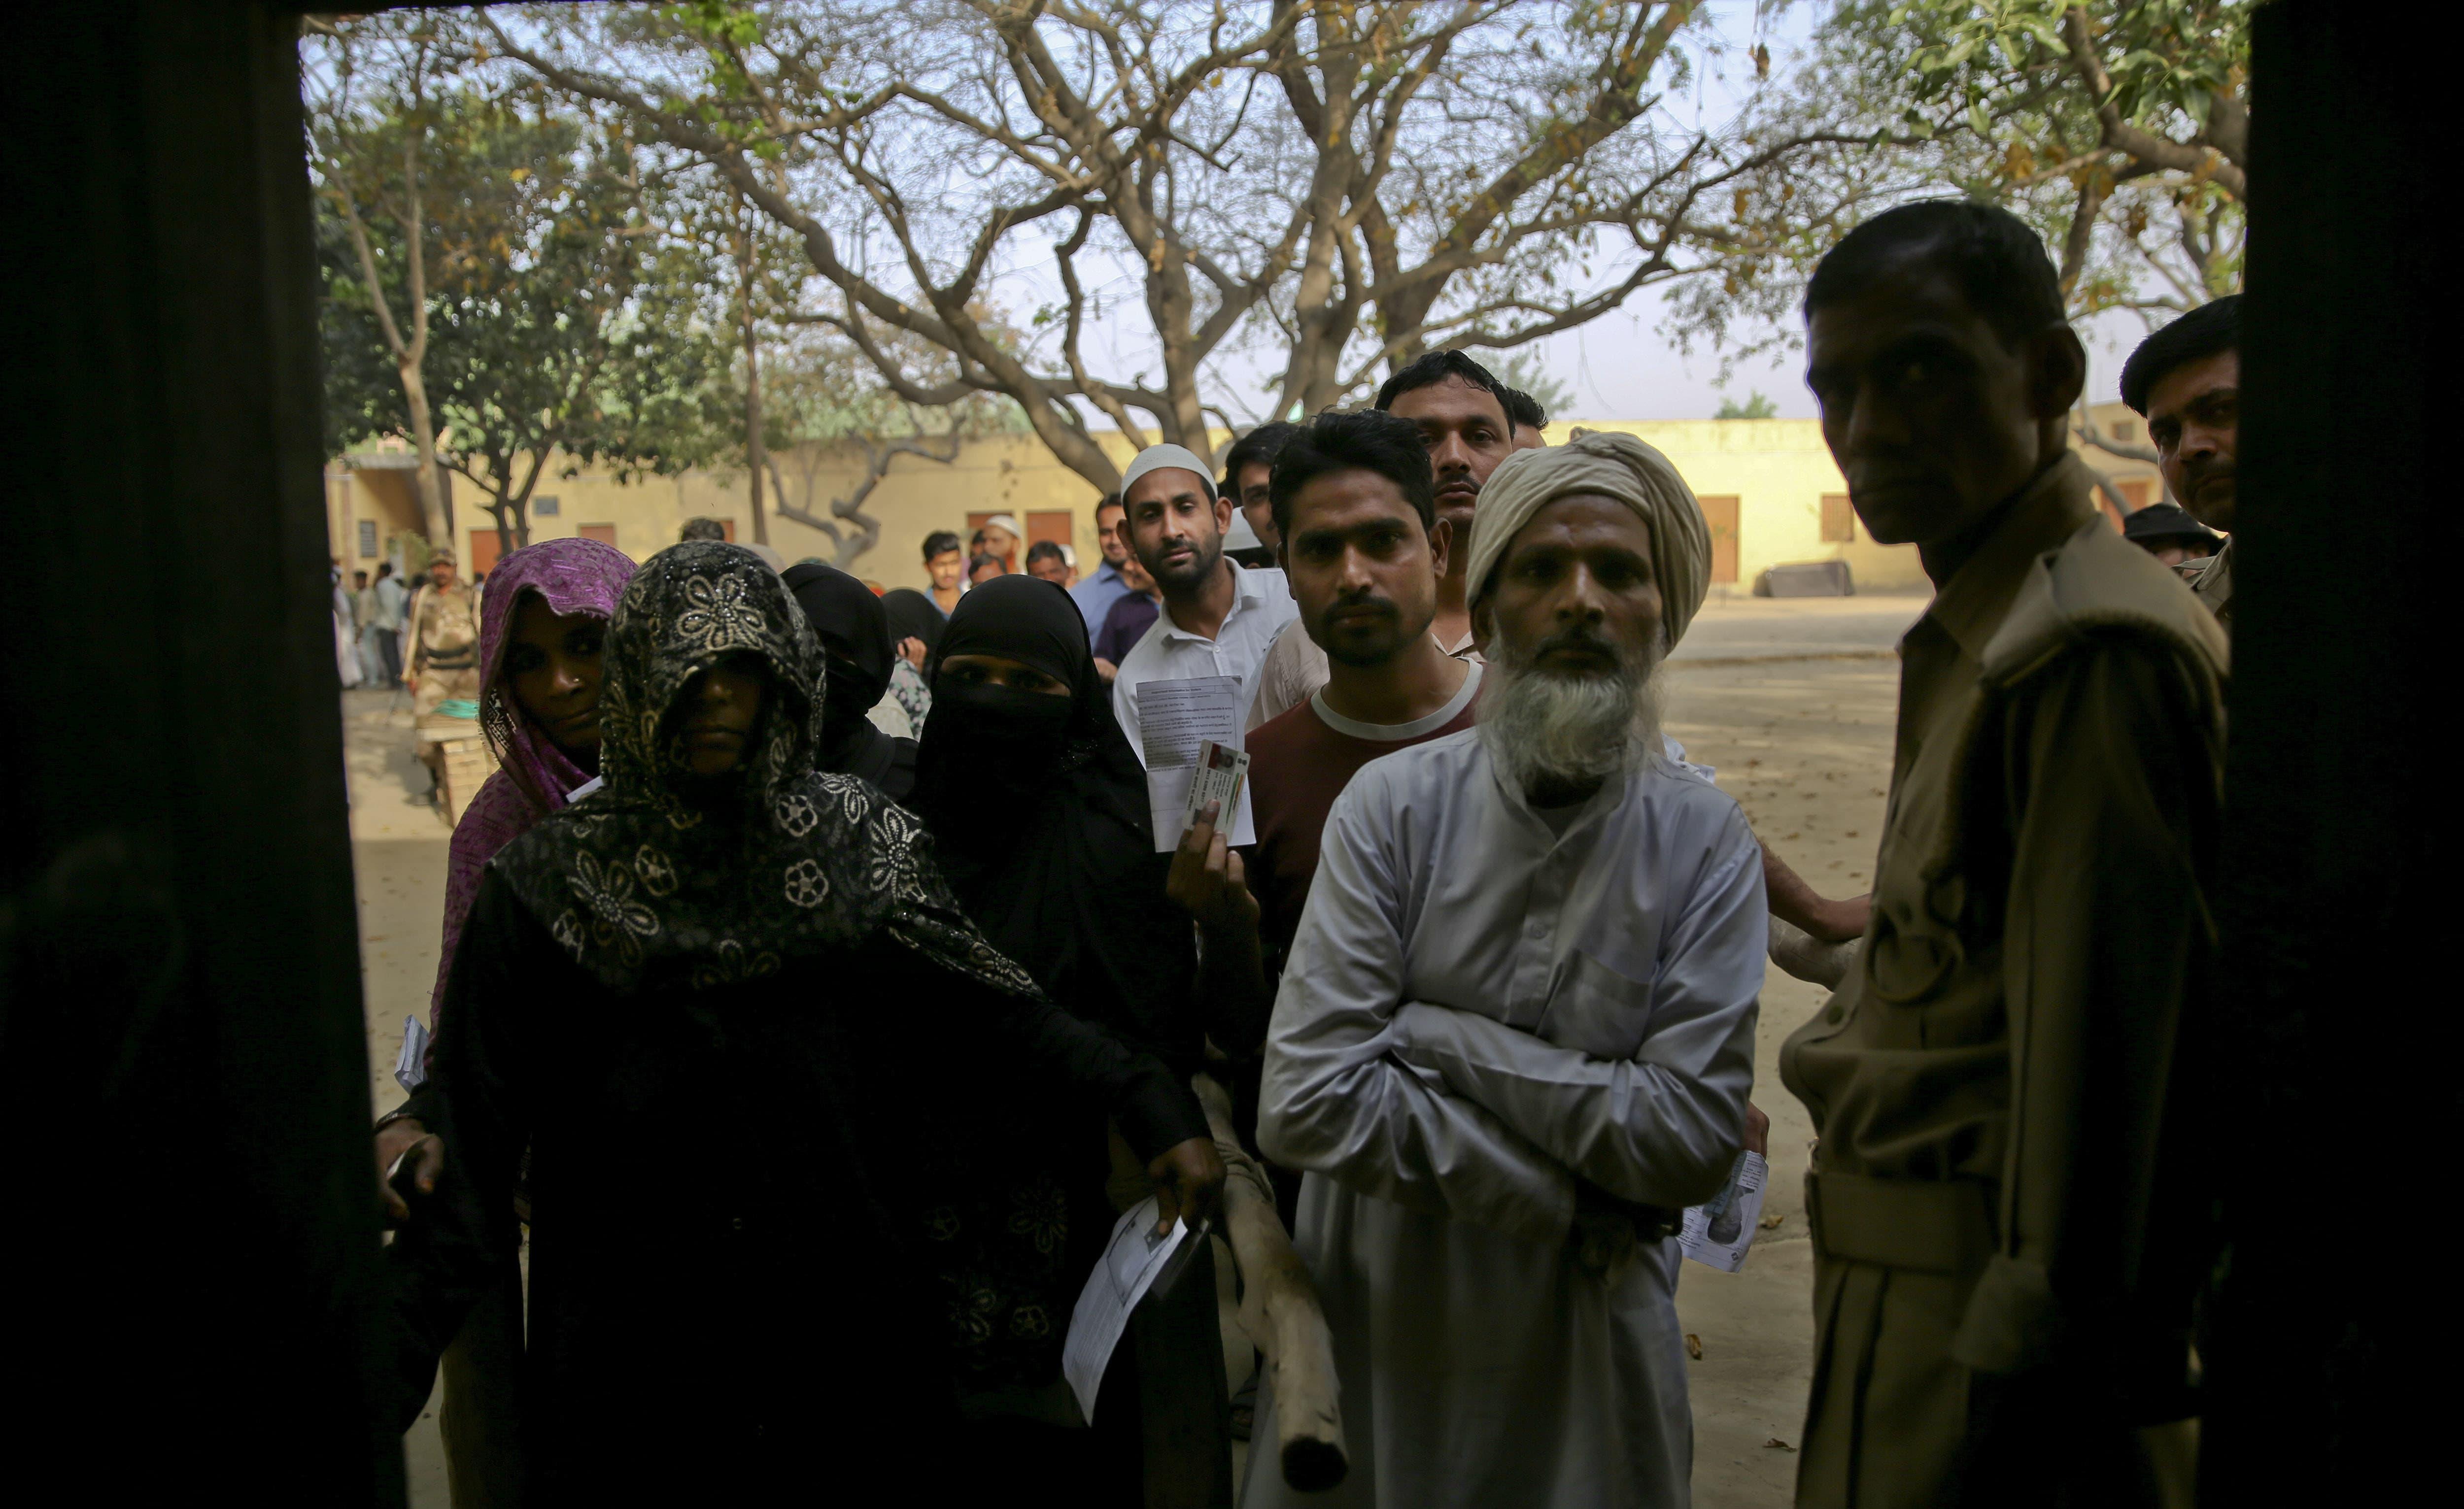 مظفر نگر کے قریبی گاؤں میں پولنگ اسٹیشن کو سخت سیکیورٹی کے ساتھ ووٹنگ کے لیے کھول دیا گیا —فوٹو/ اے پی